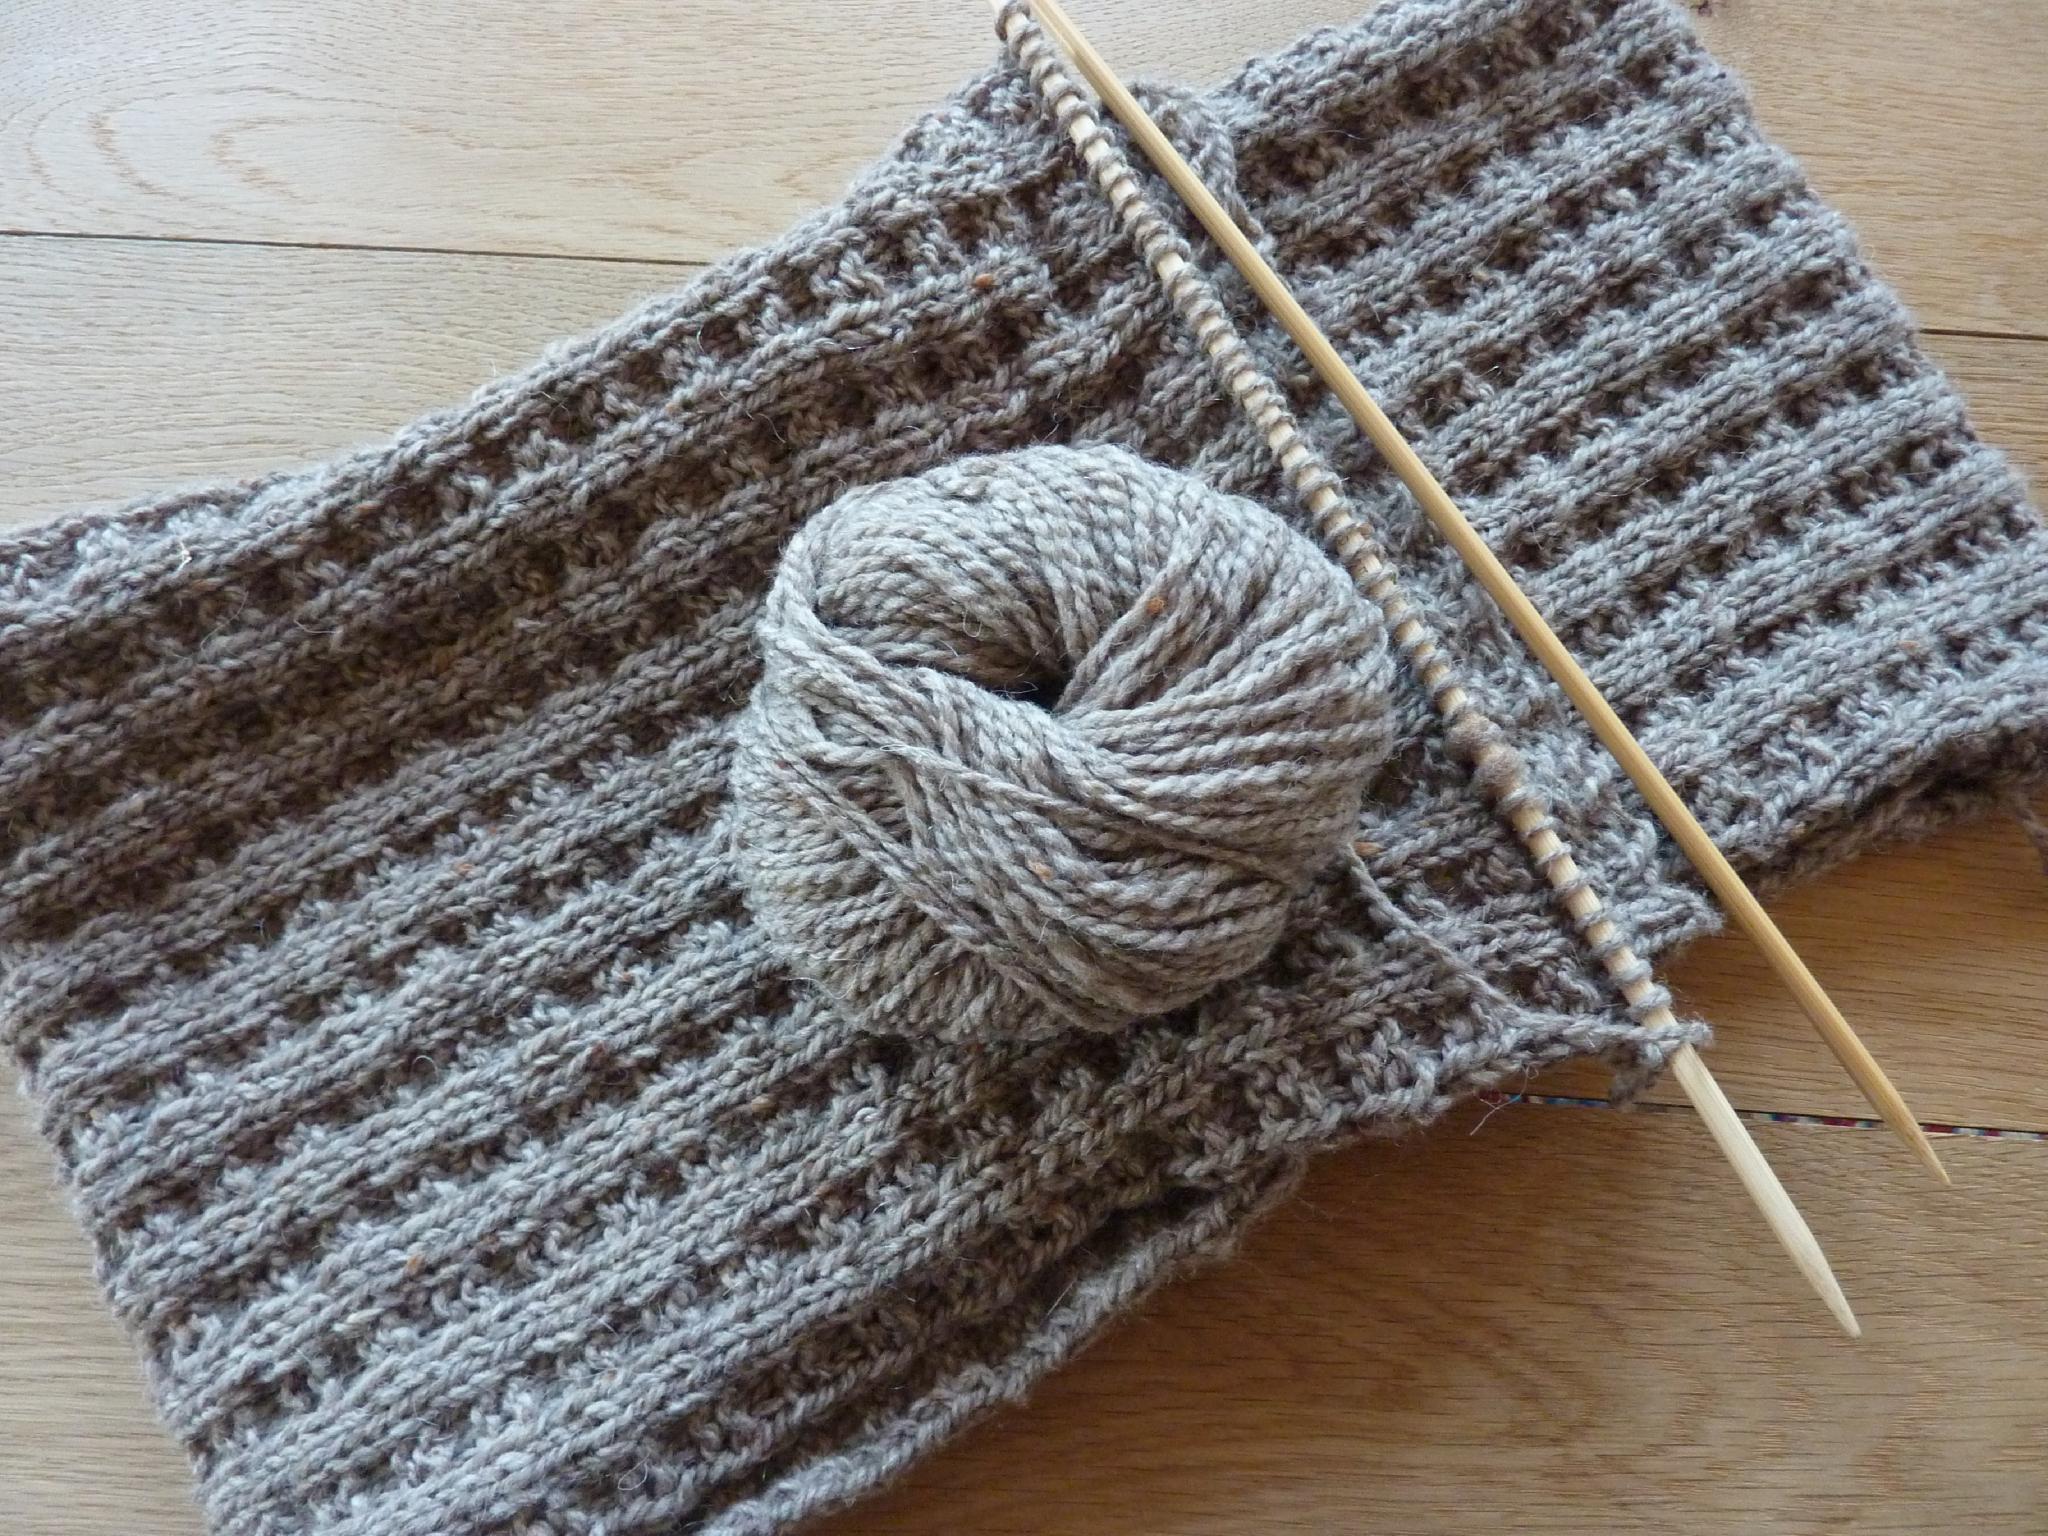 Echarpe tricoter homme - Idée pour s habiller cd625e8166d